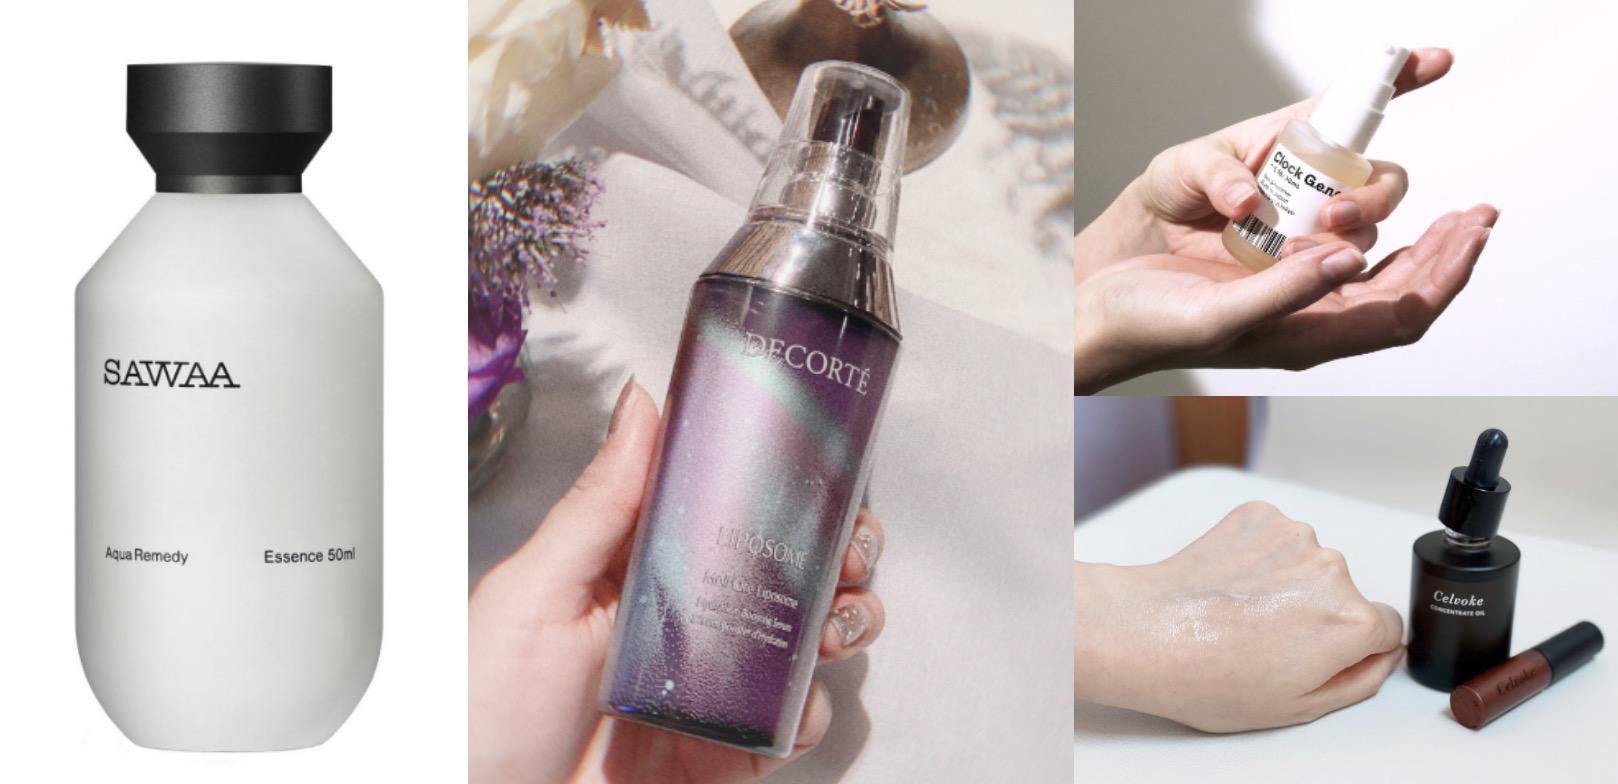 把肌膚的水龍頭打開!美妝內行人都愛用的保濕聖品,幫保養櫃添加生力軍